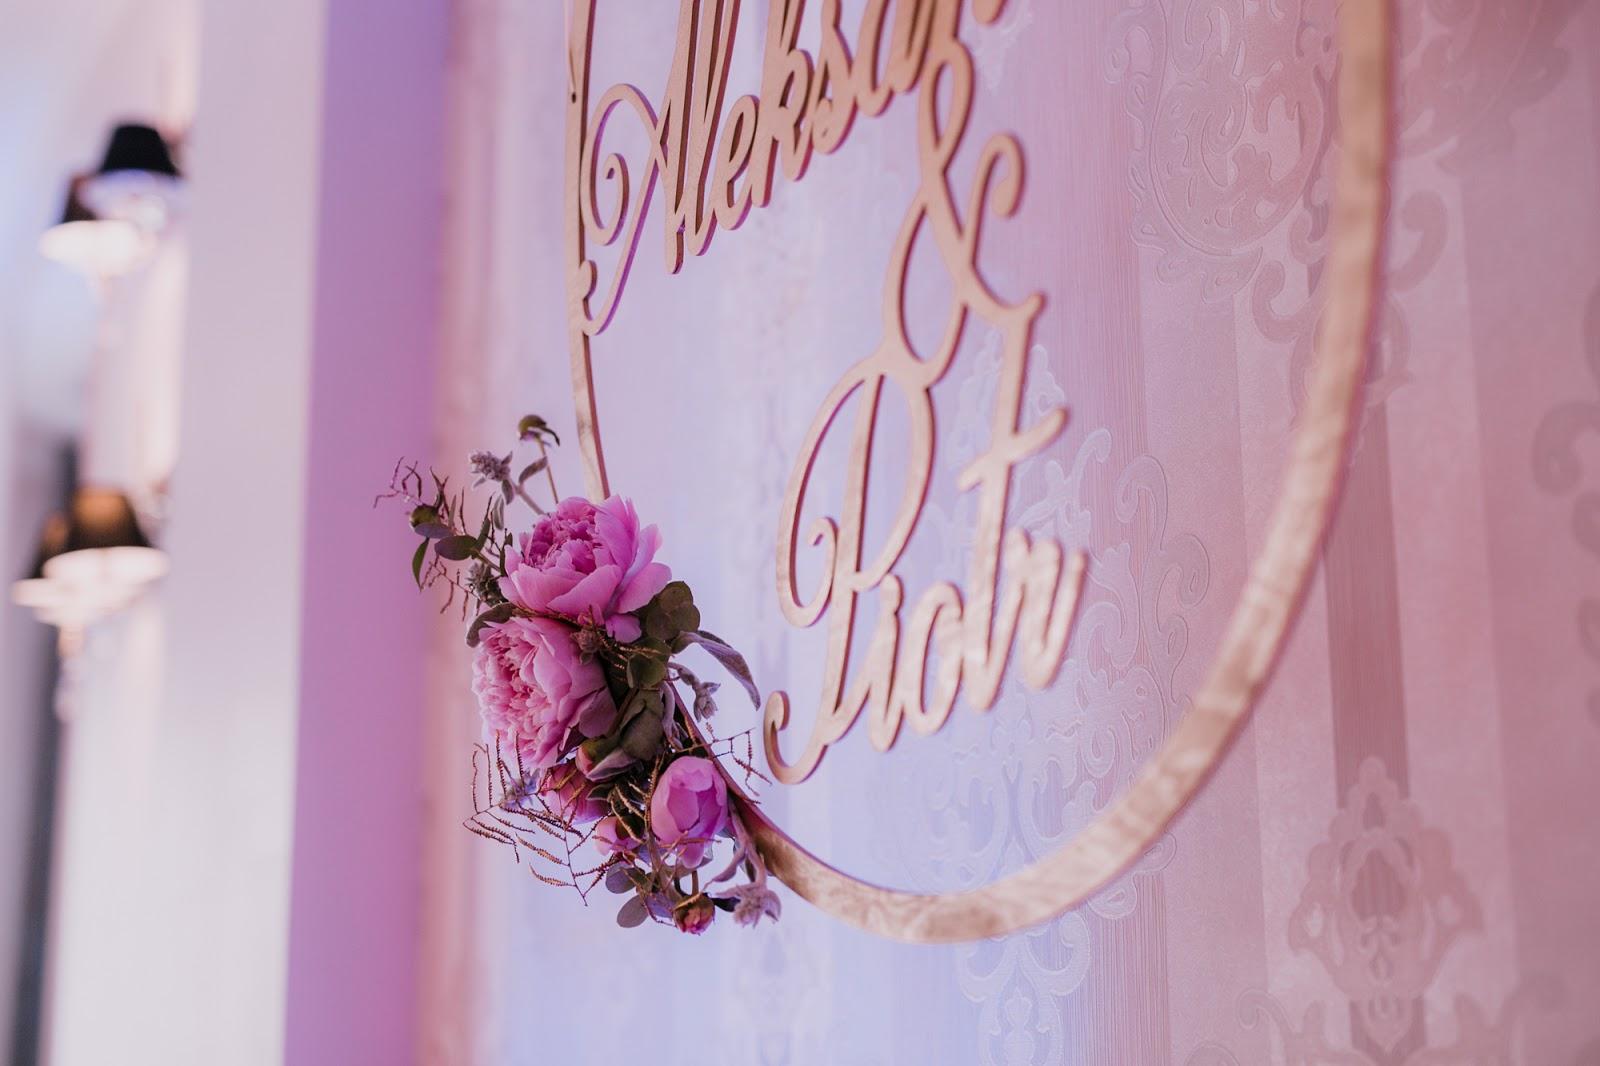 Wystrój Sali Weselnej Dekoracje Florystyczne Dekoracje światłem